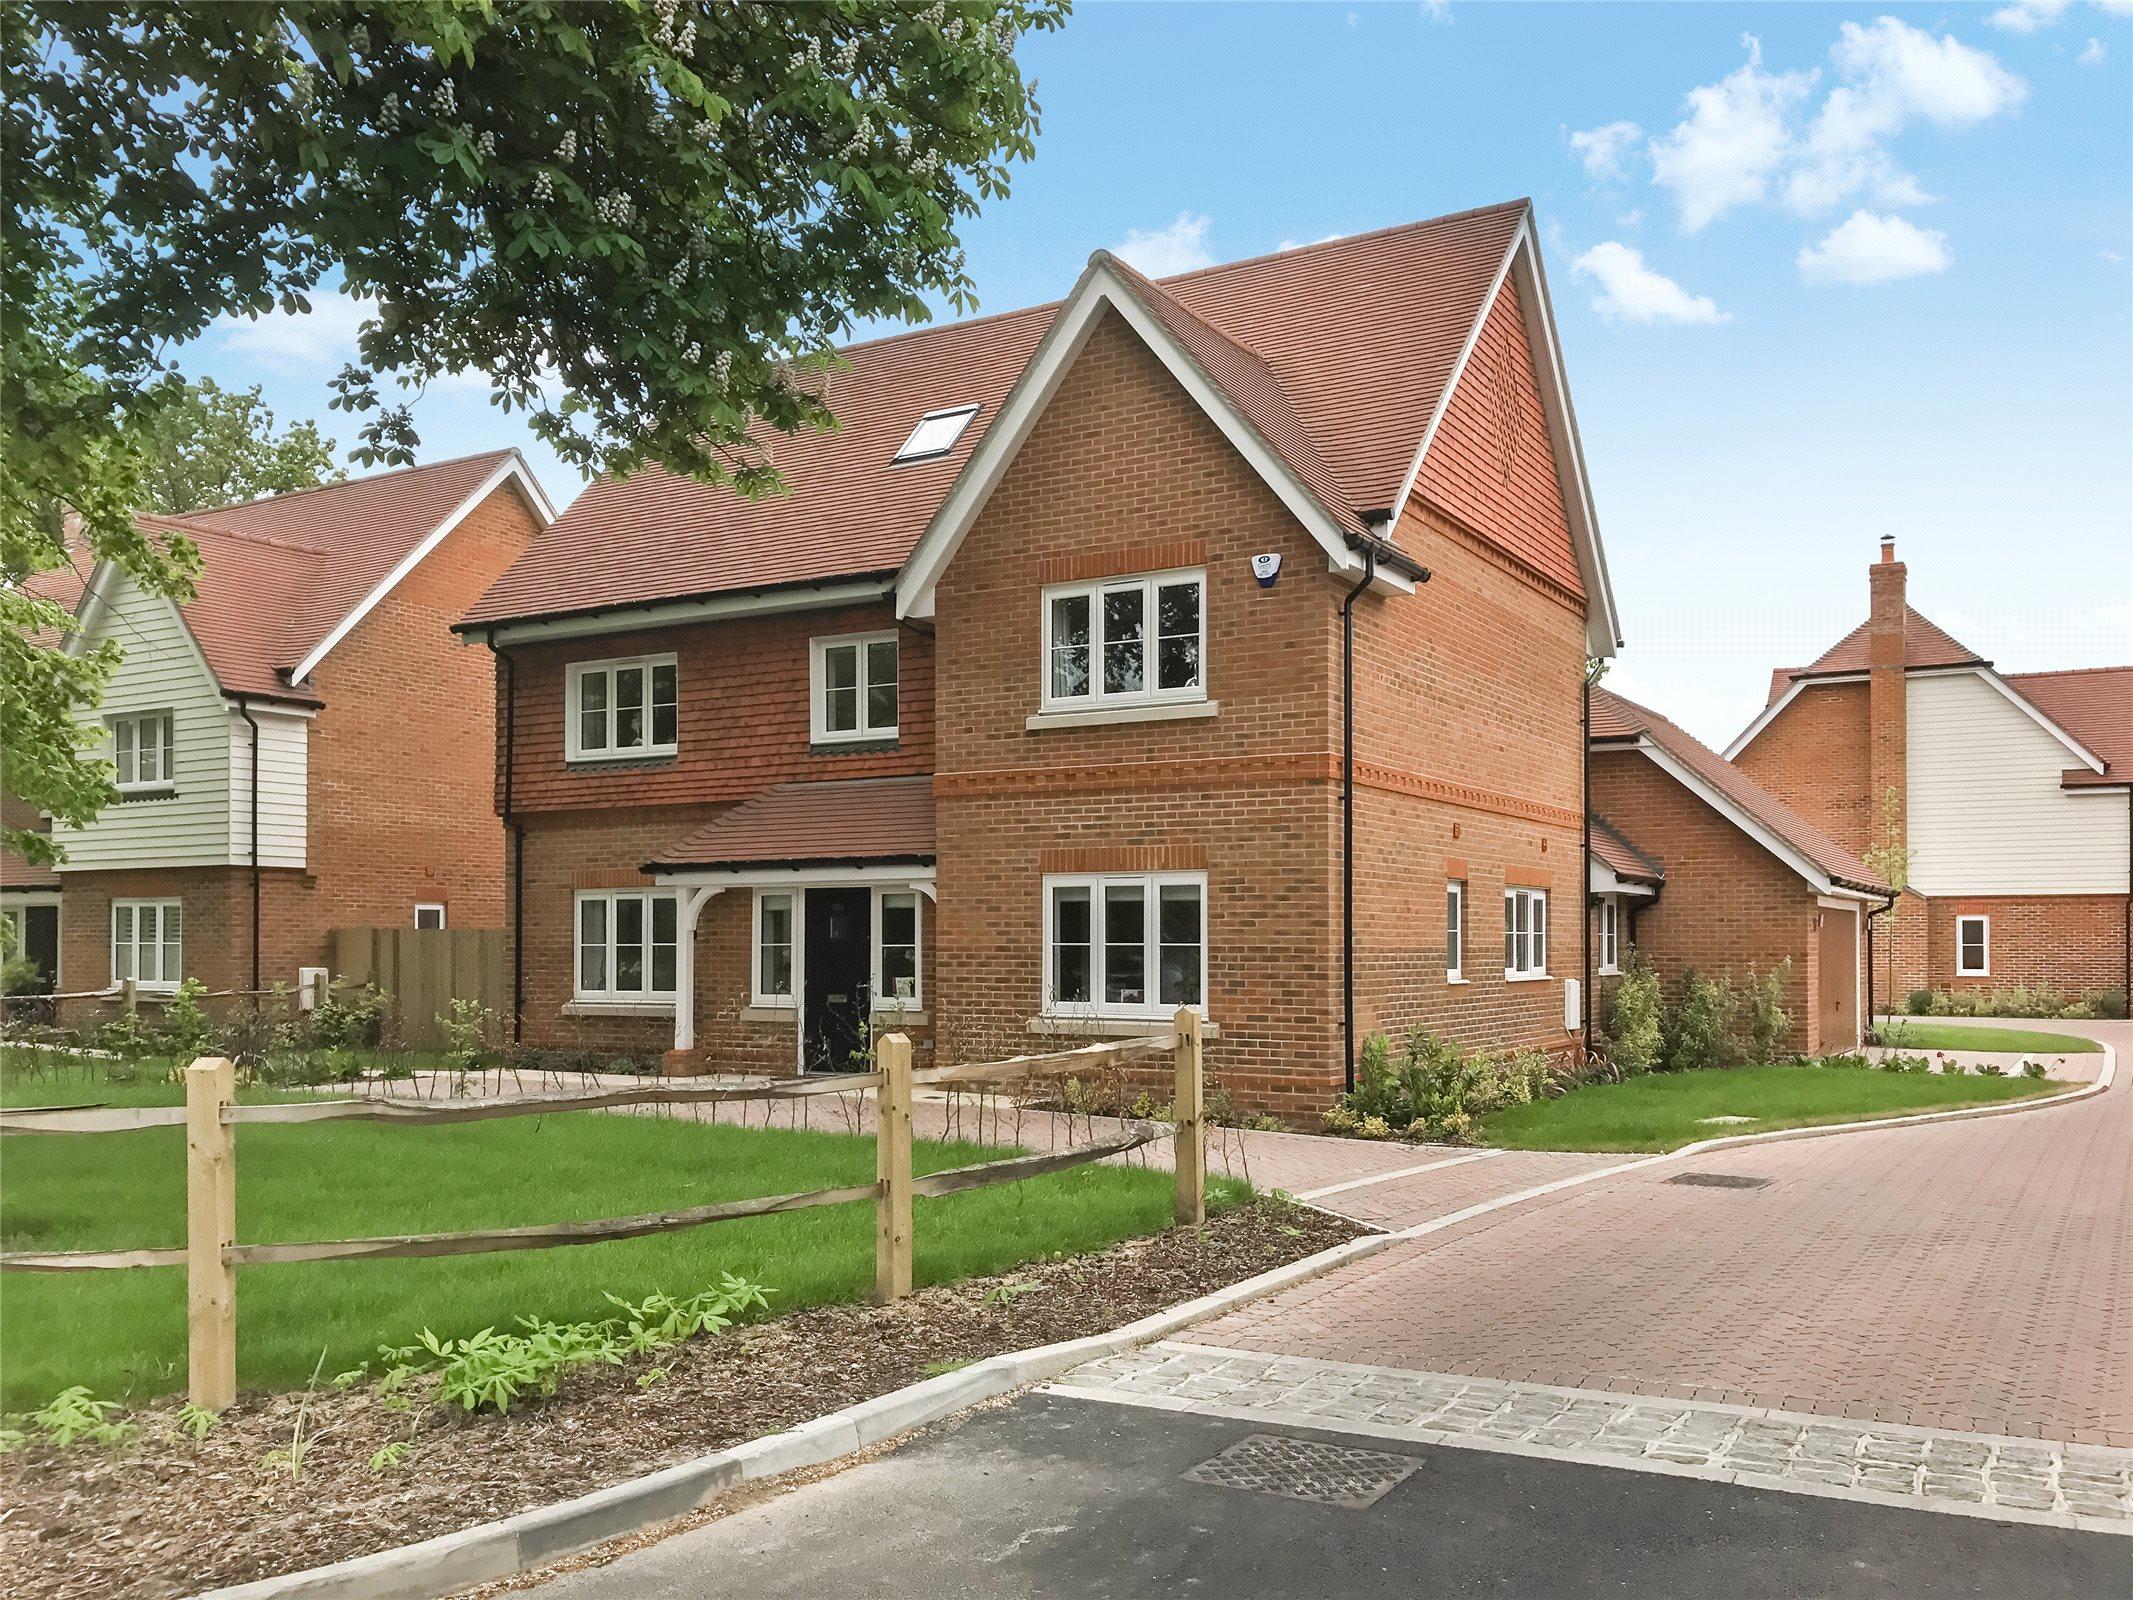 5 Bedroom Property For Sale In Oakwood Road, Horley, Surrey,